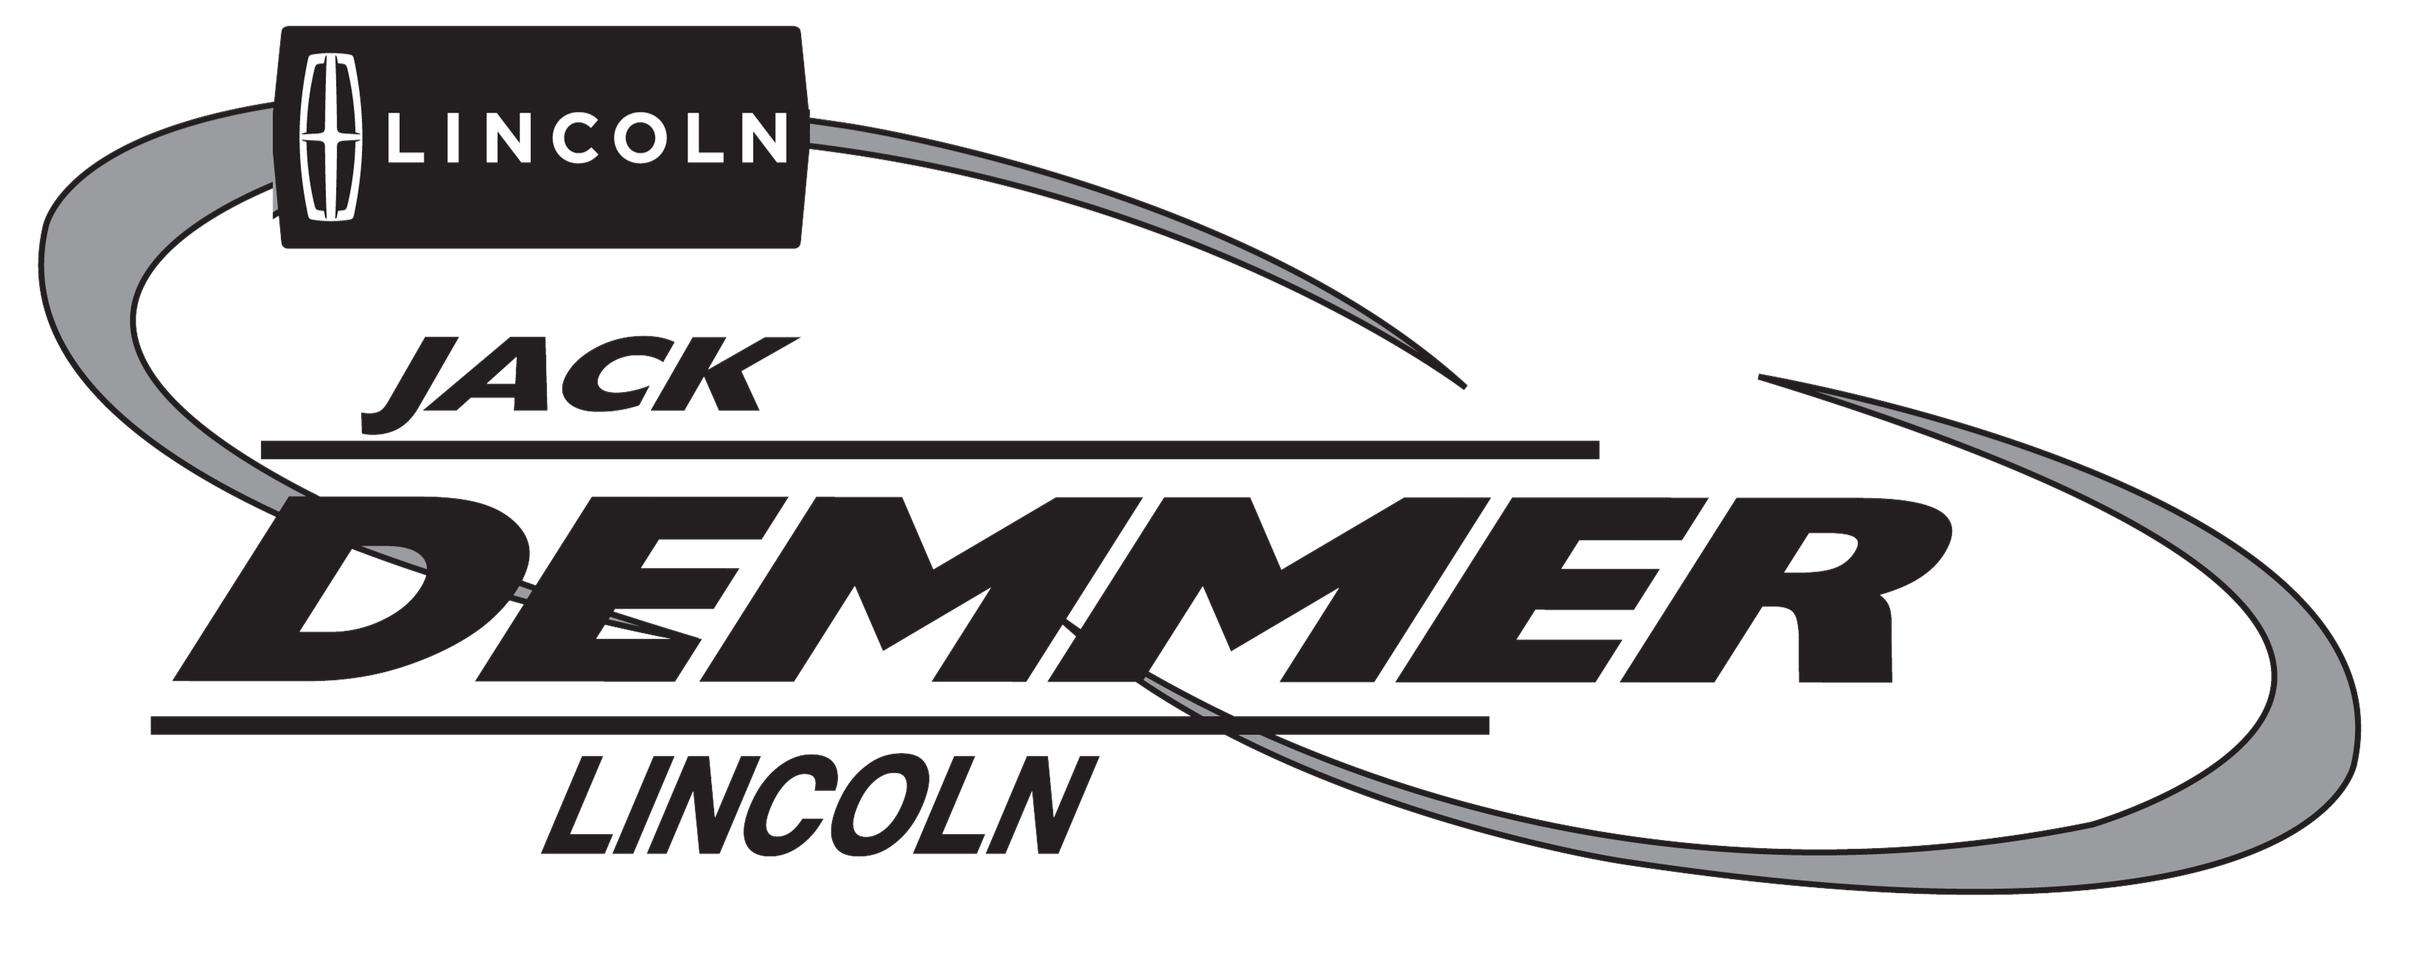 Jack Demmer Lincoln >> Jack Demmer Lincoln Lincoln Used Car Dealer Service